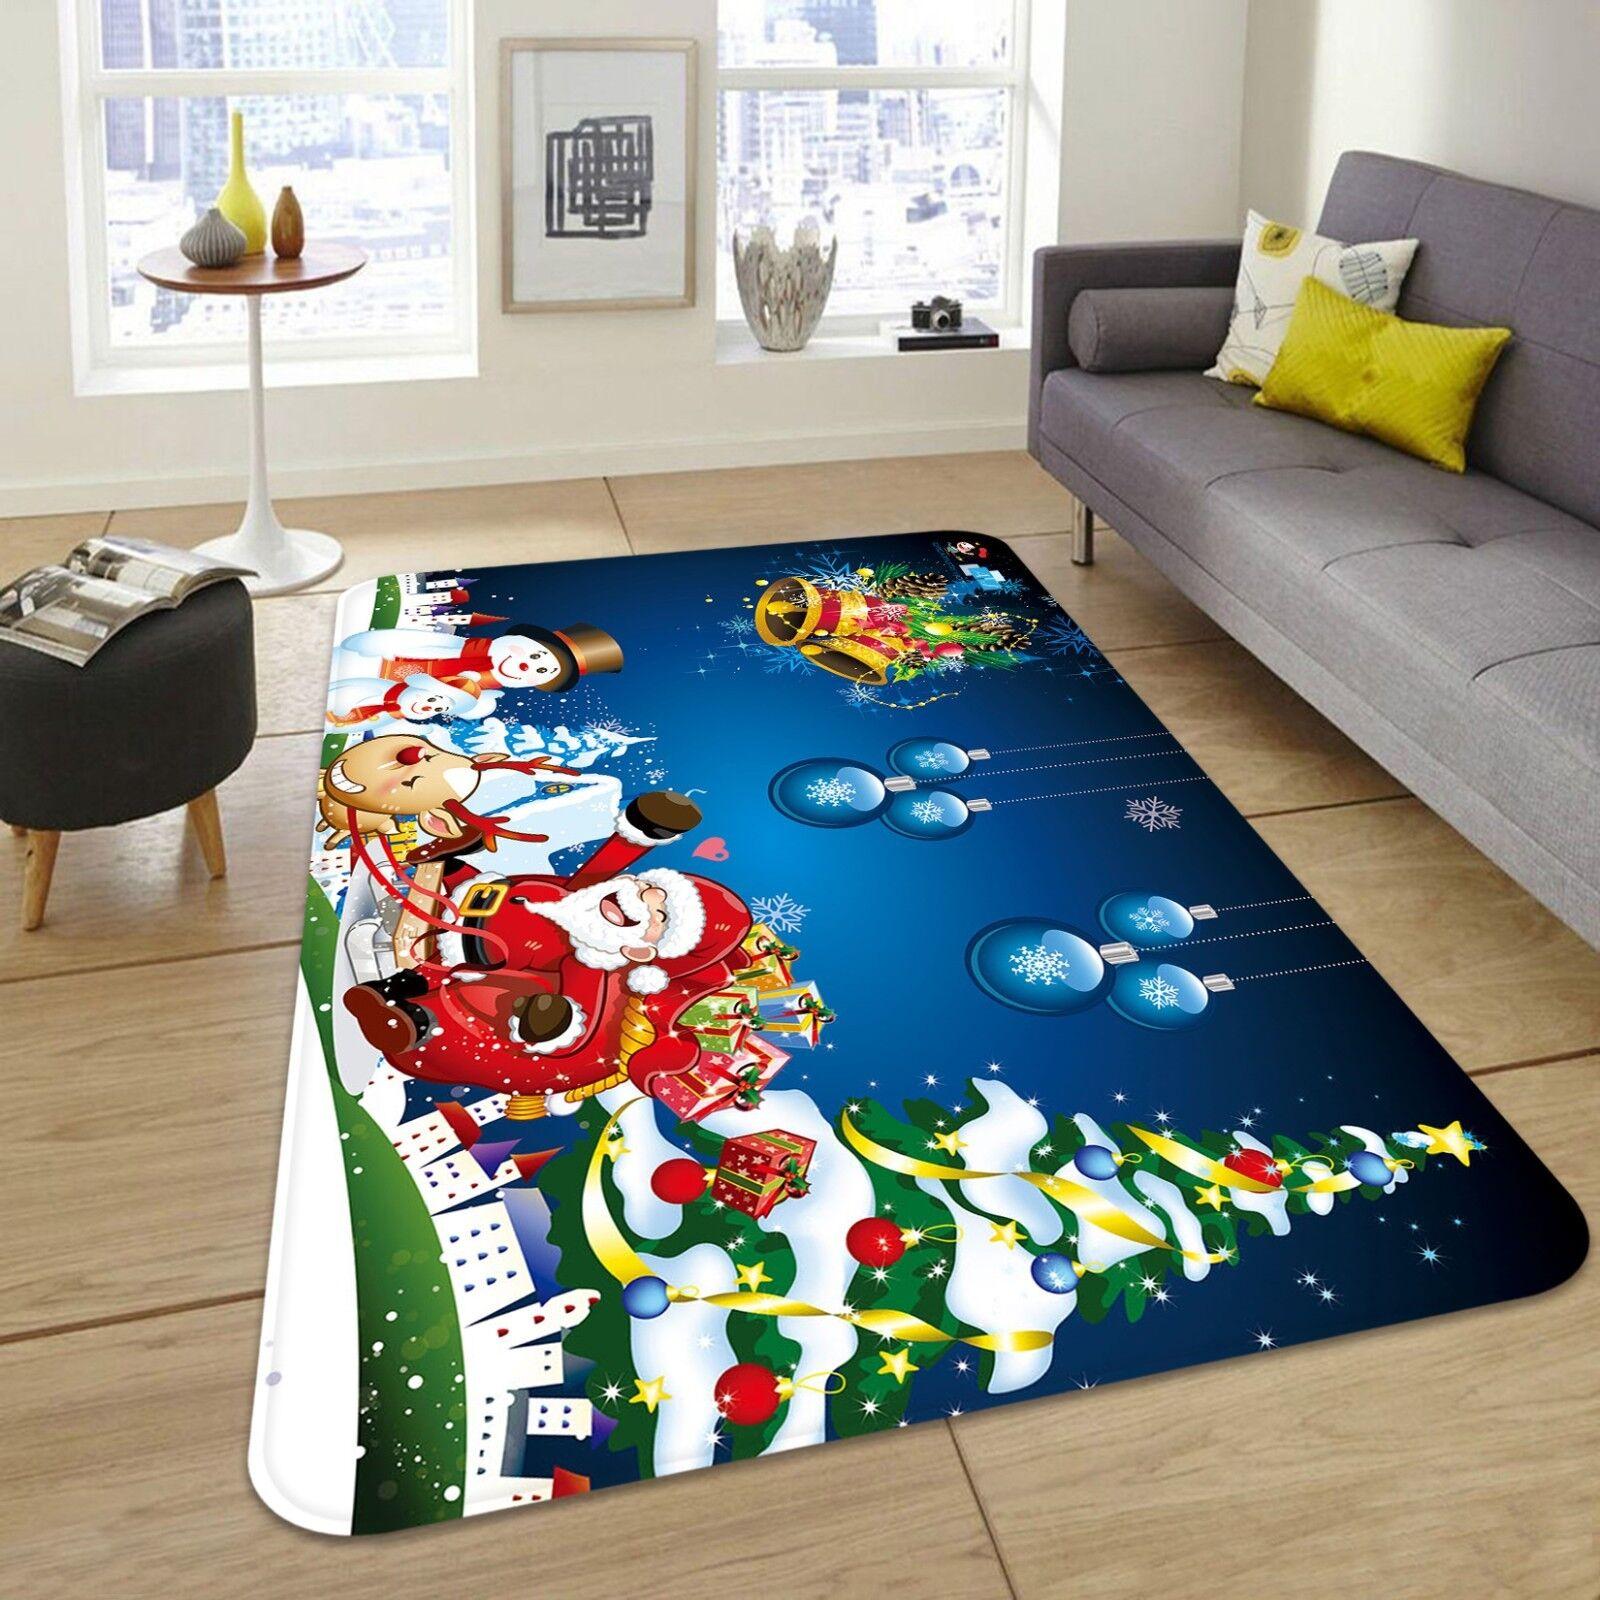 3d Natale Xmas 436 antiscivolo tappeto bagagliaio Qualità Tappeto Elegante